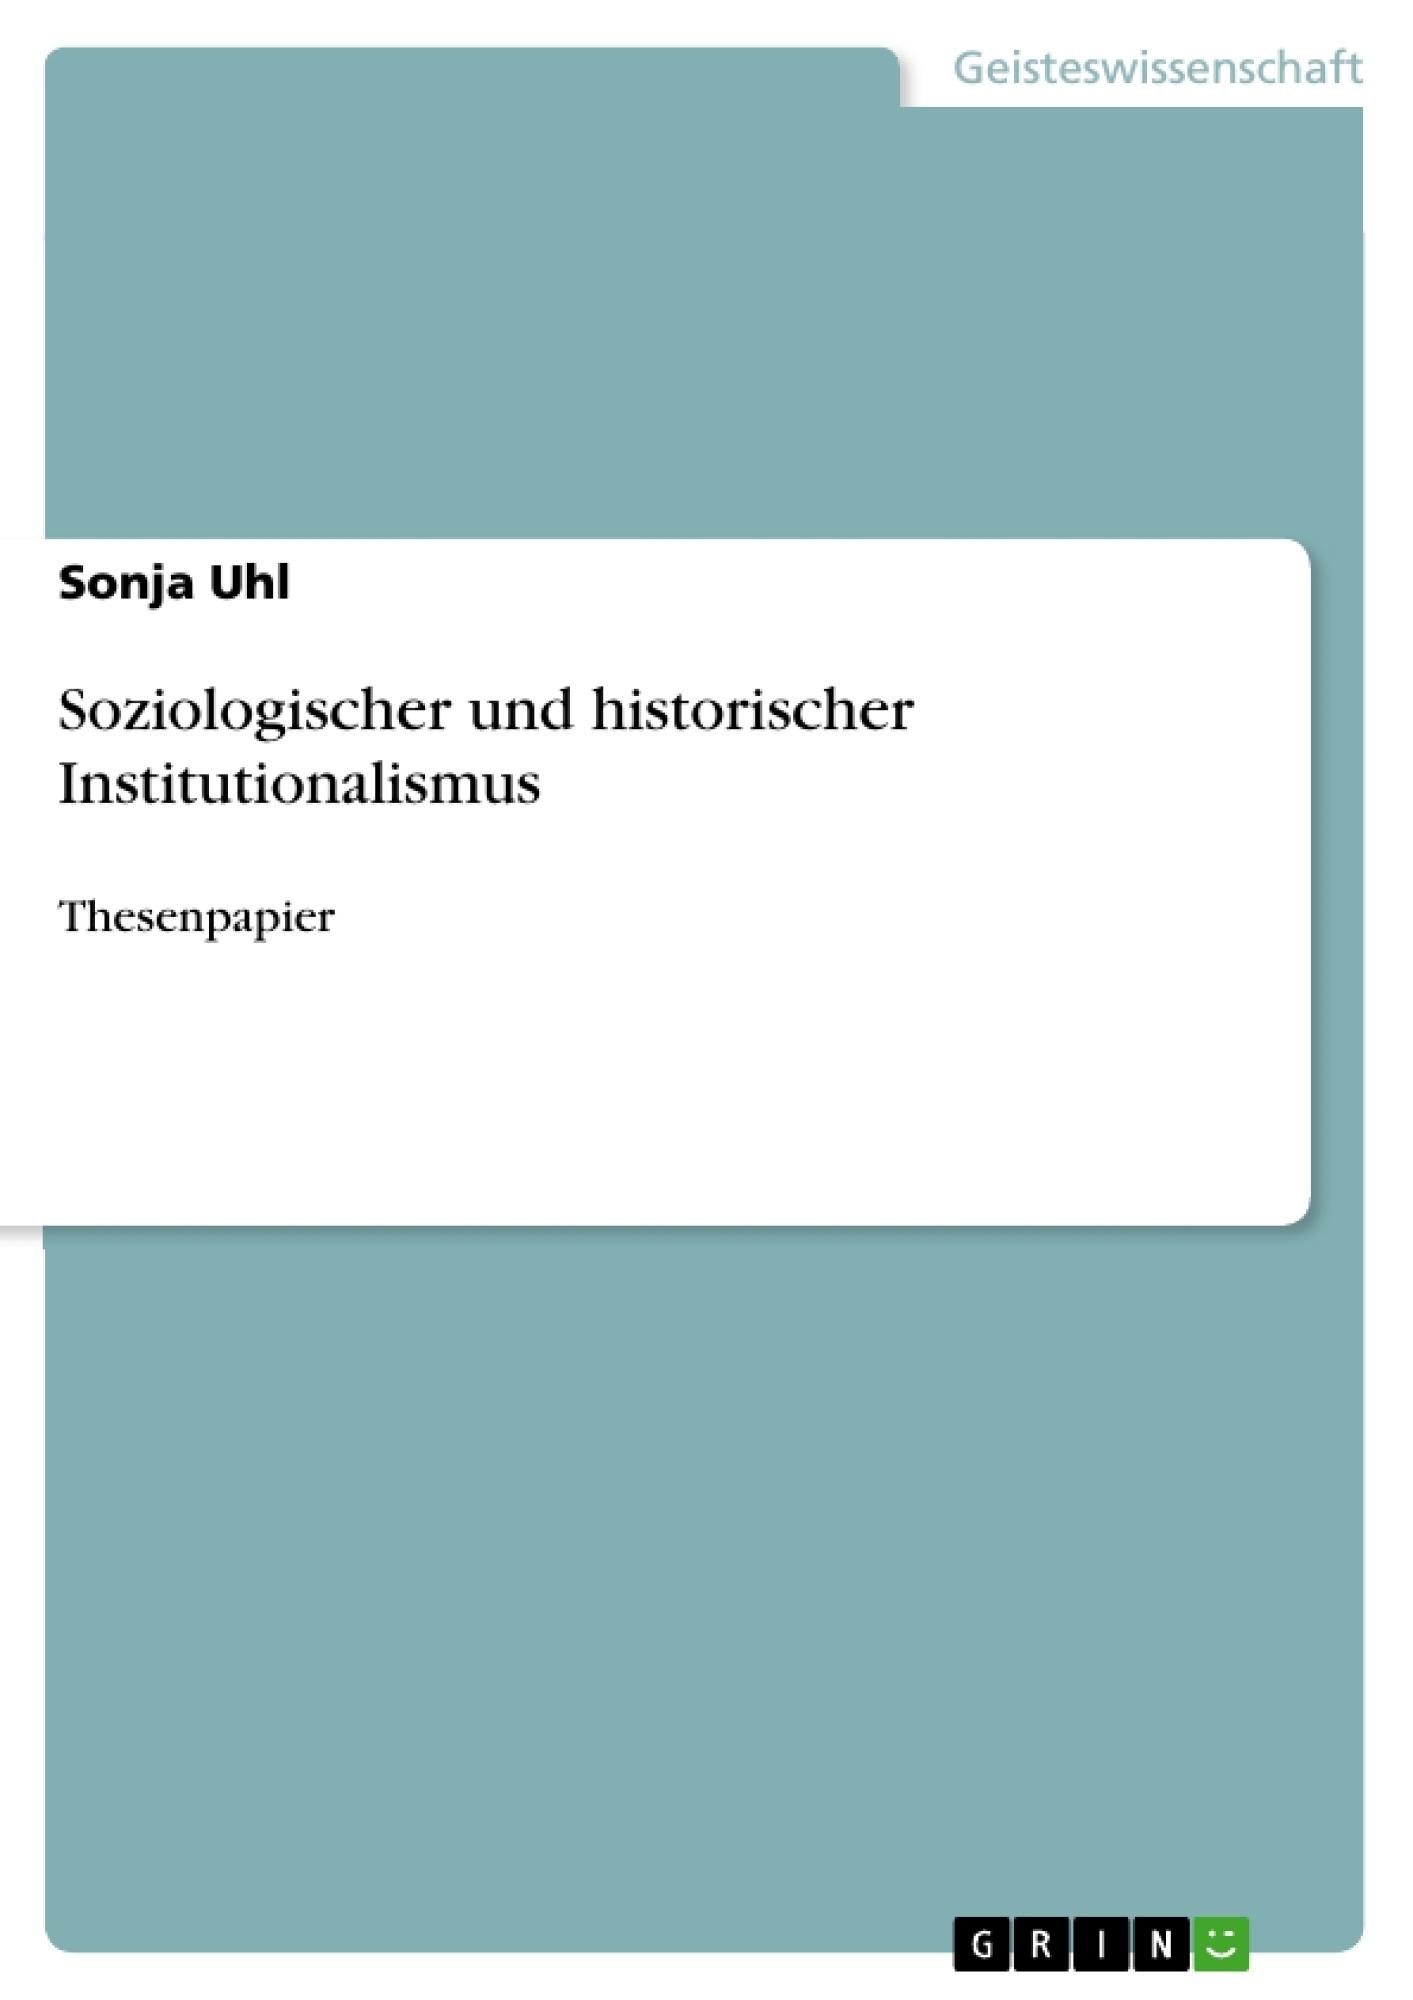 Titel: Soziologischer und historischer Institutionalismus